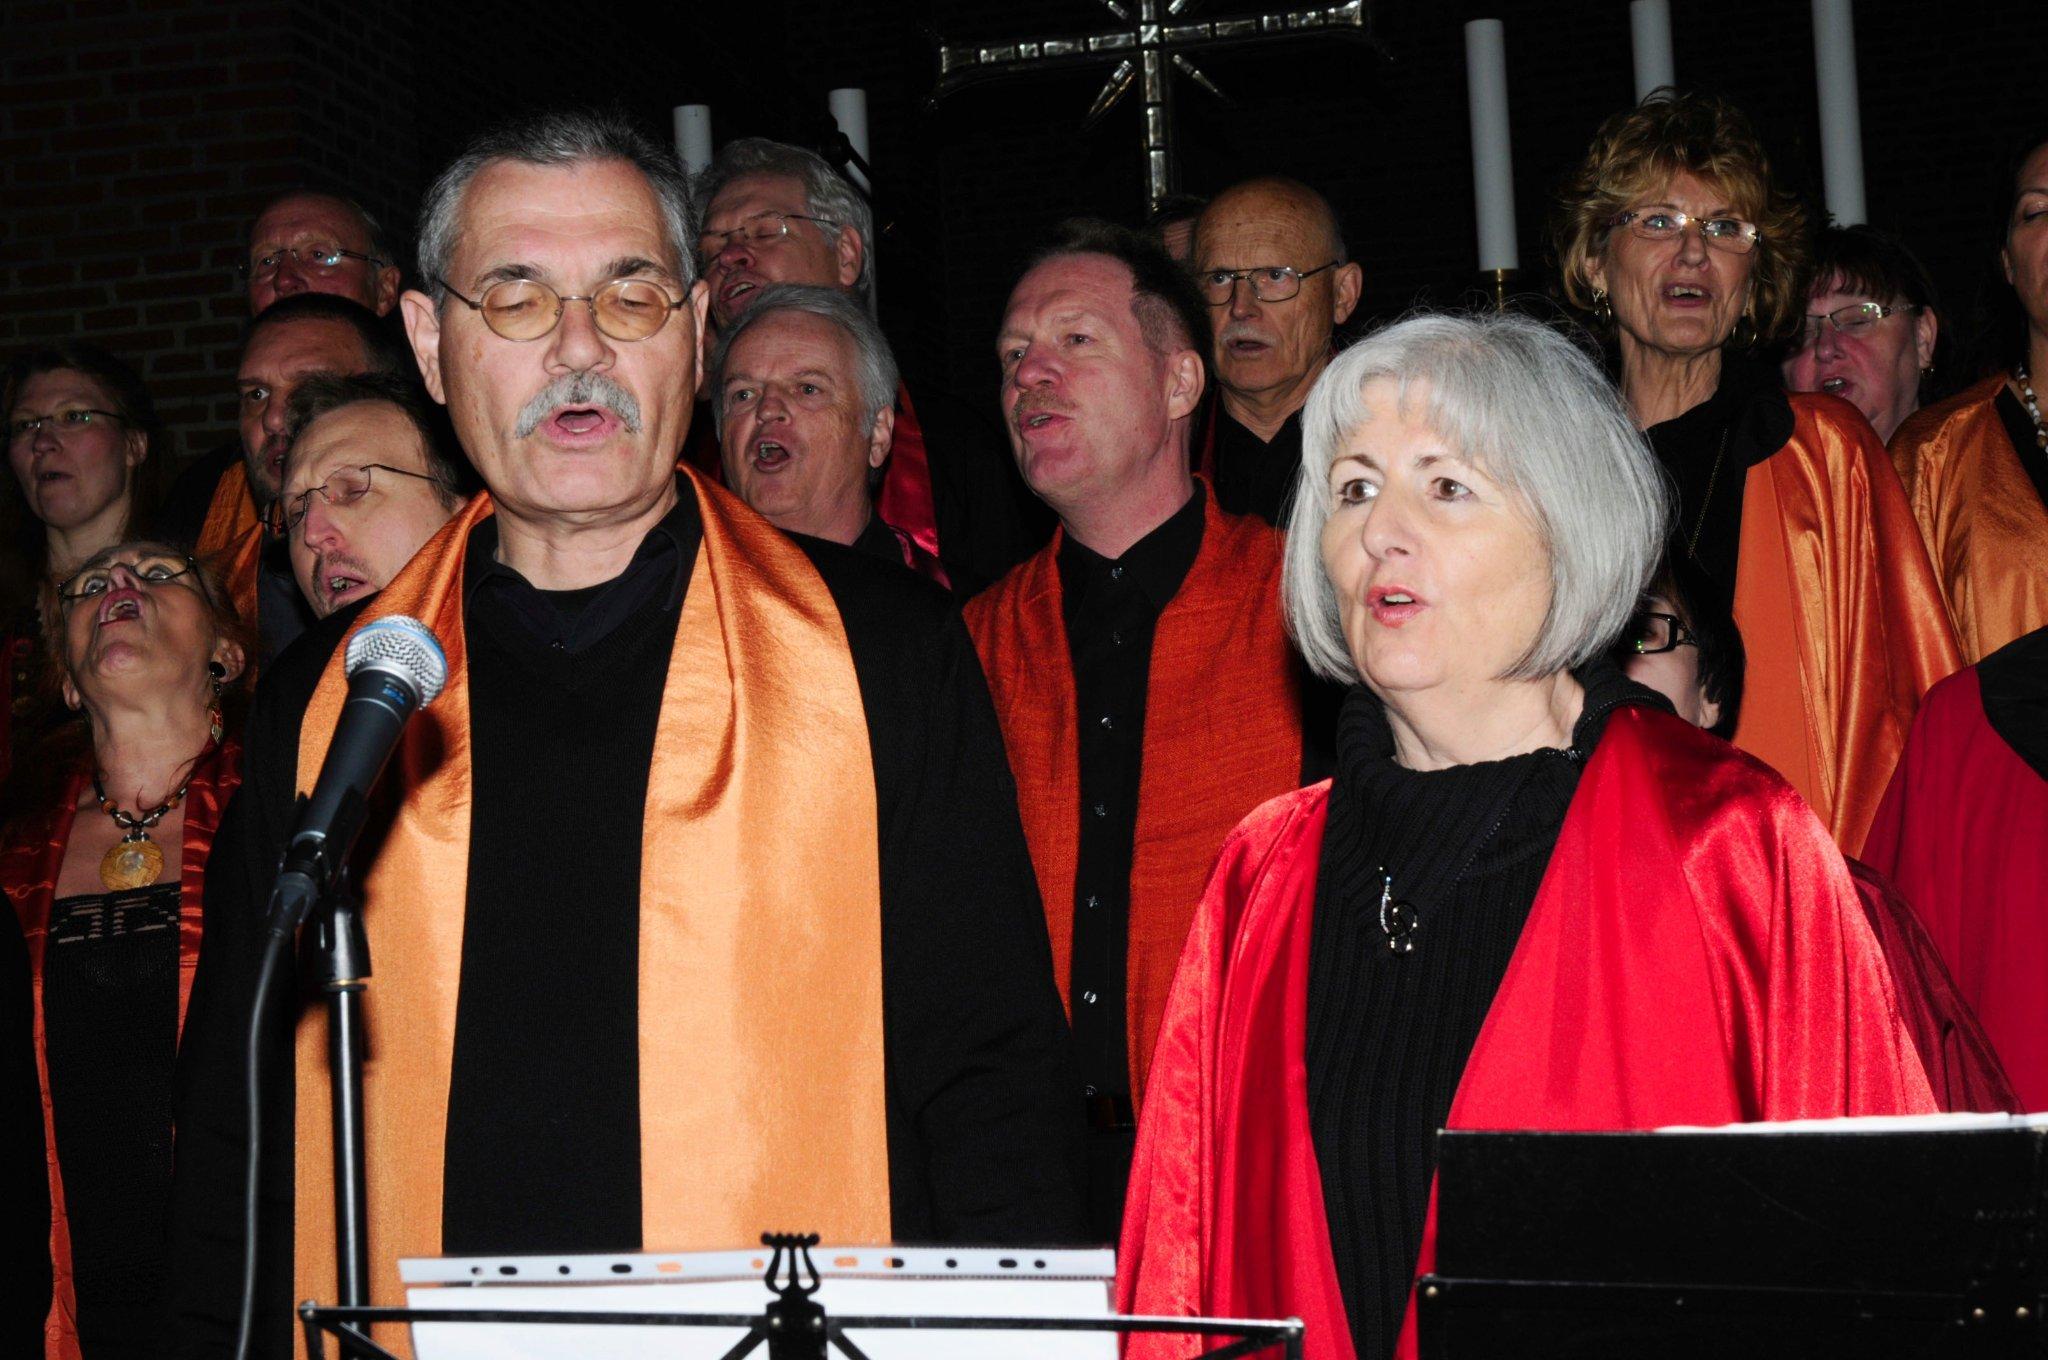 20120422 Reformations Gedaechtniskirche 51